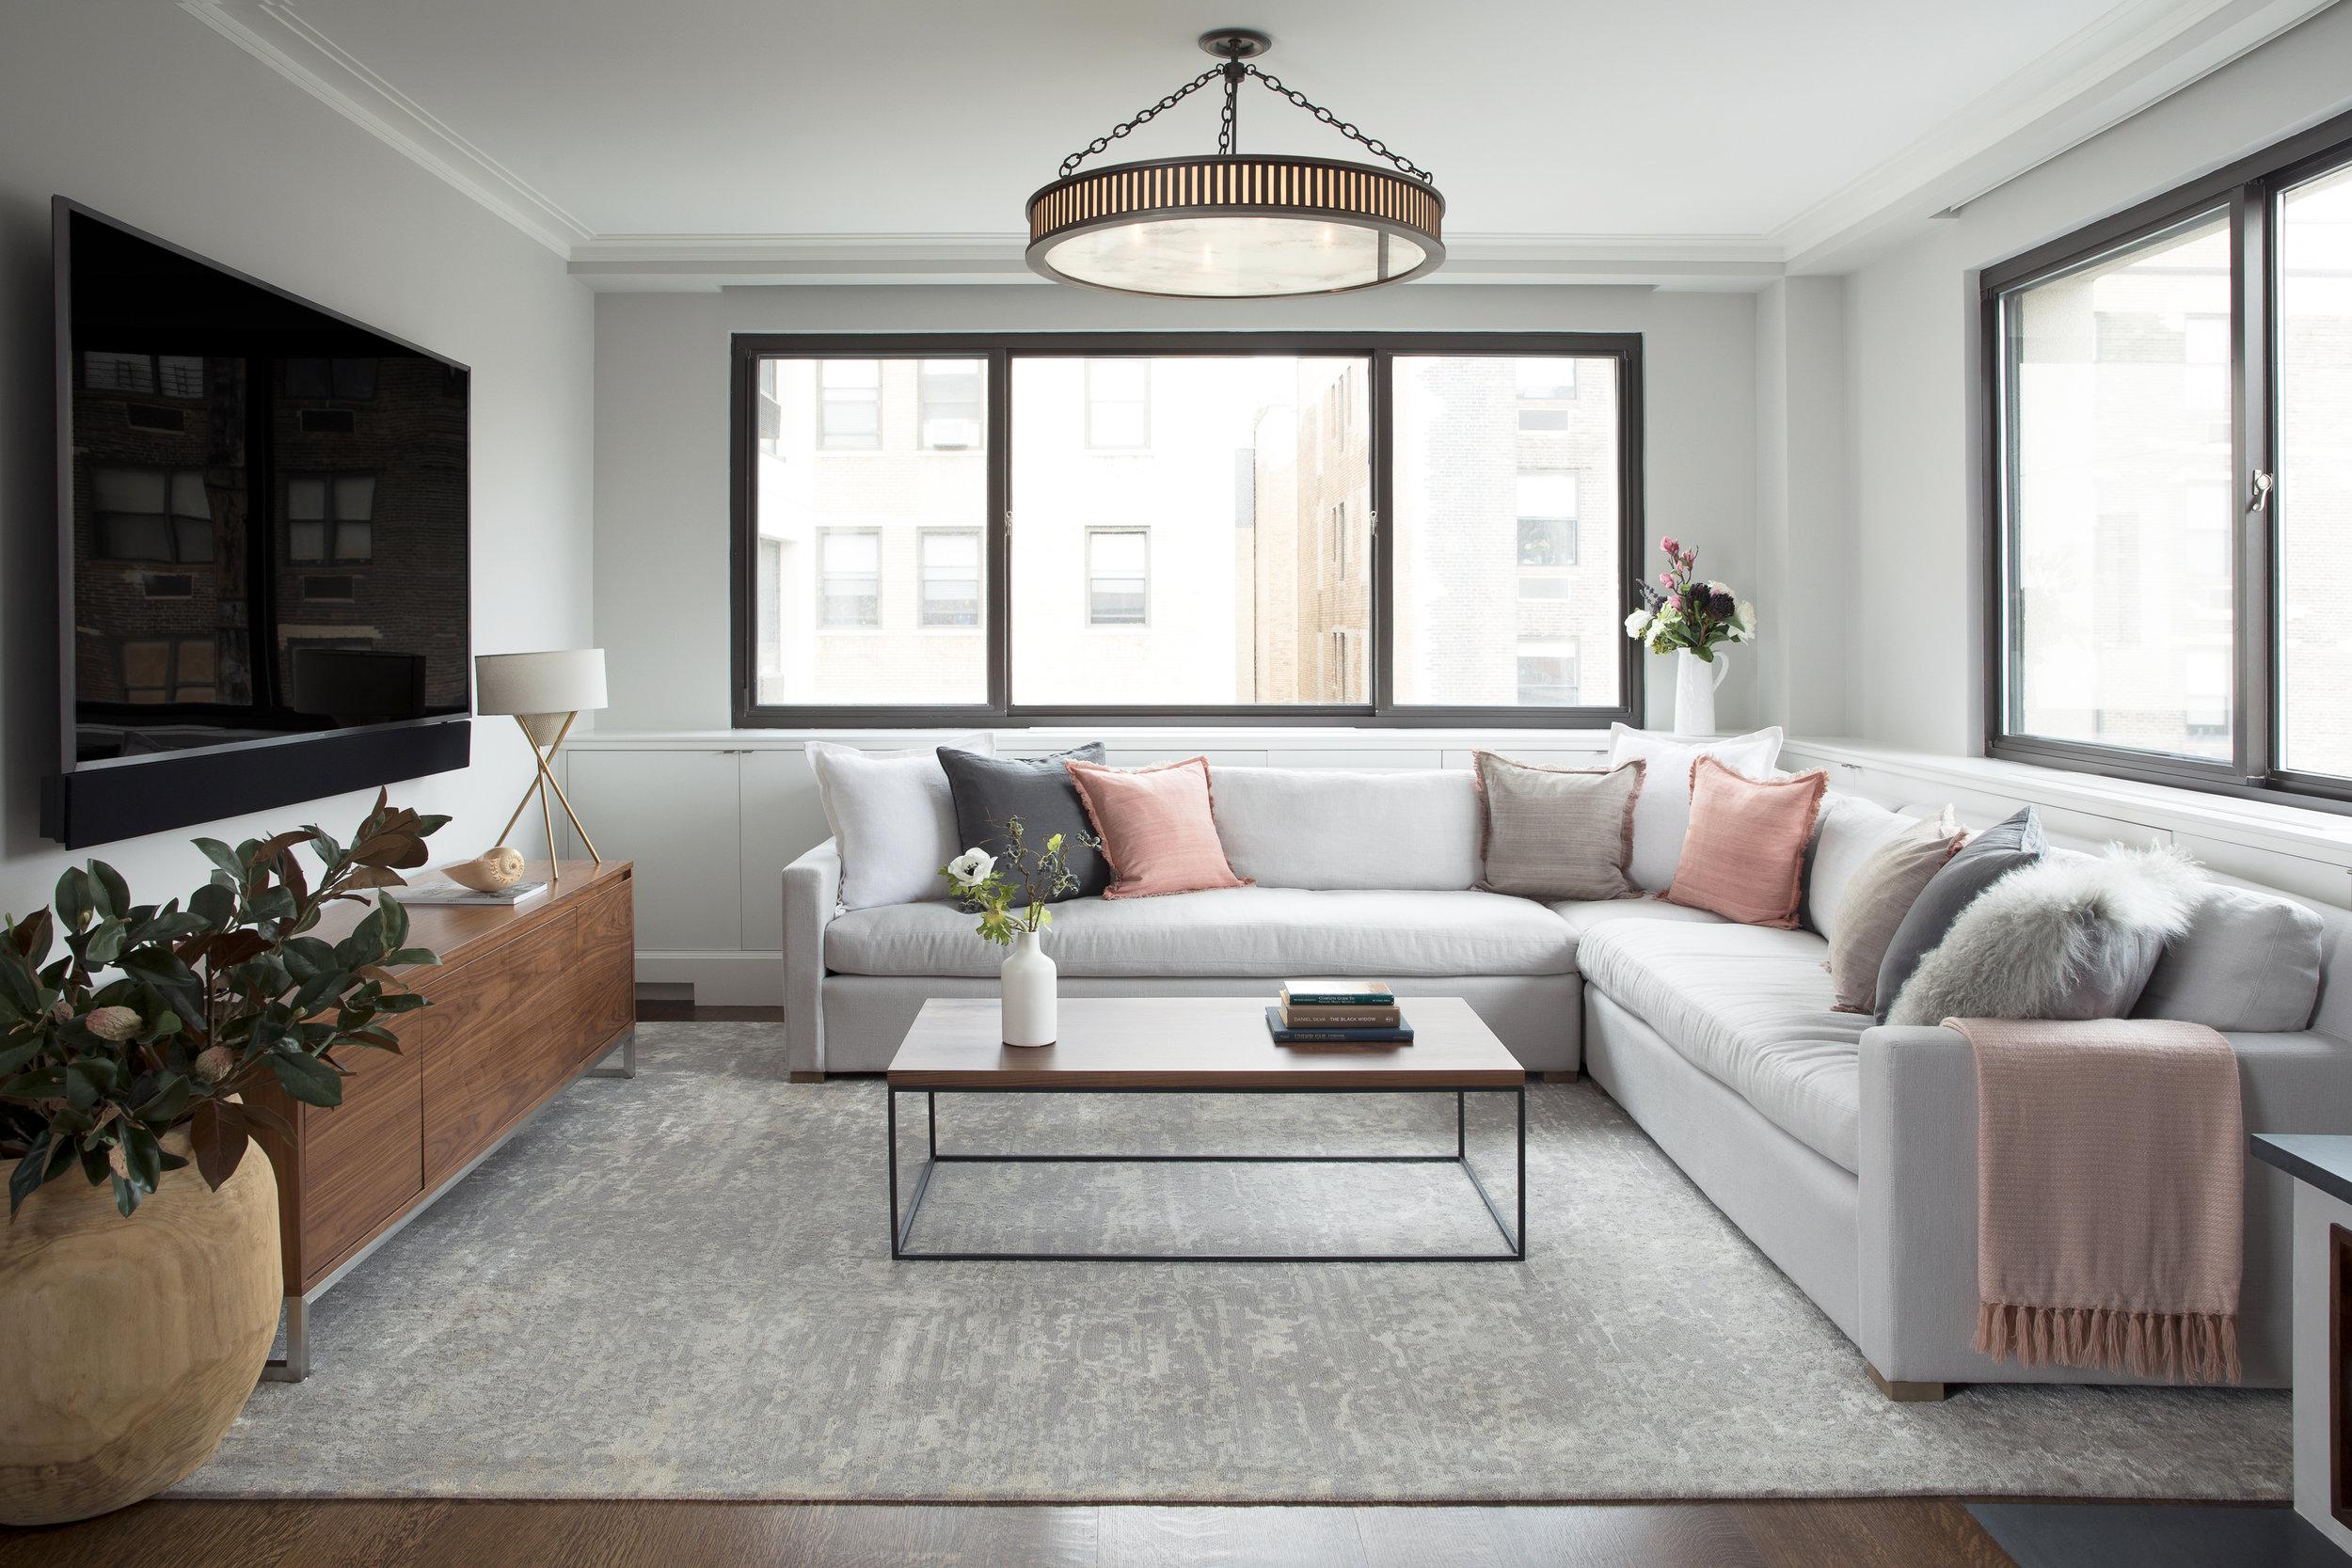 108-prewar-apartment-renovation-living-room